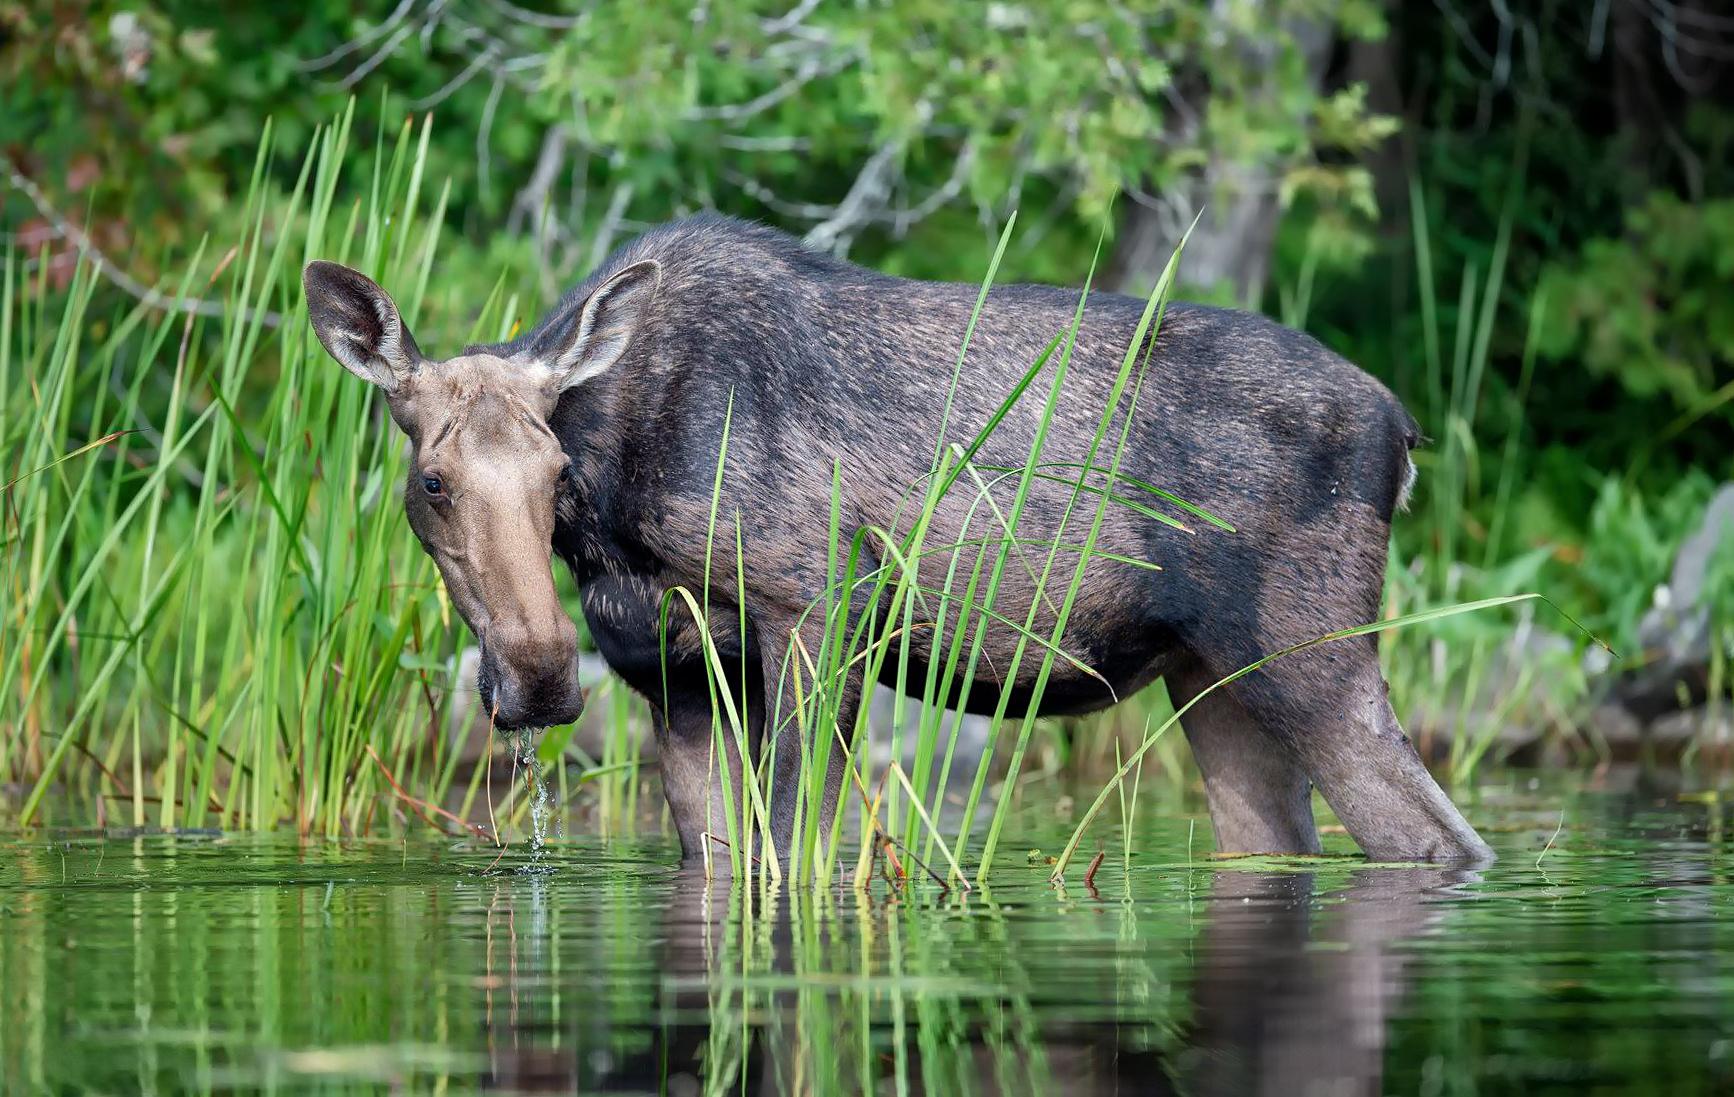 Moose on the lake